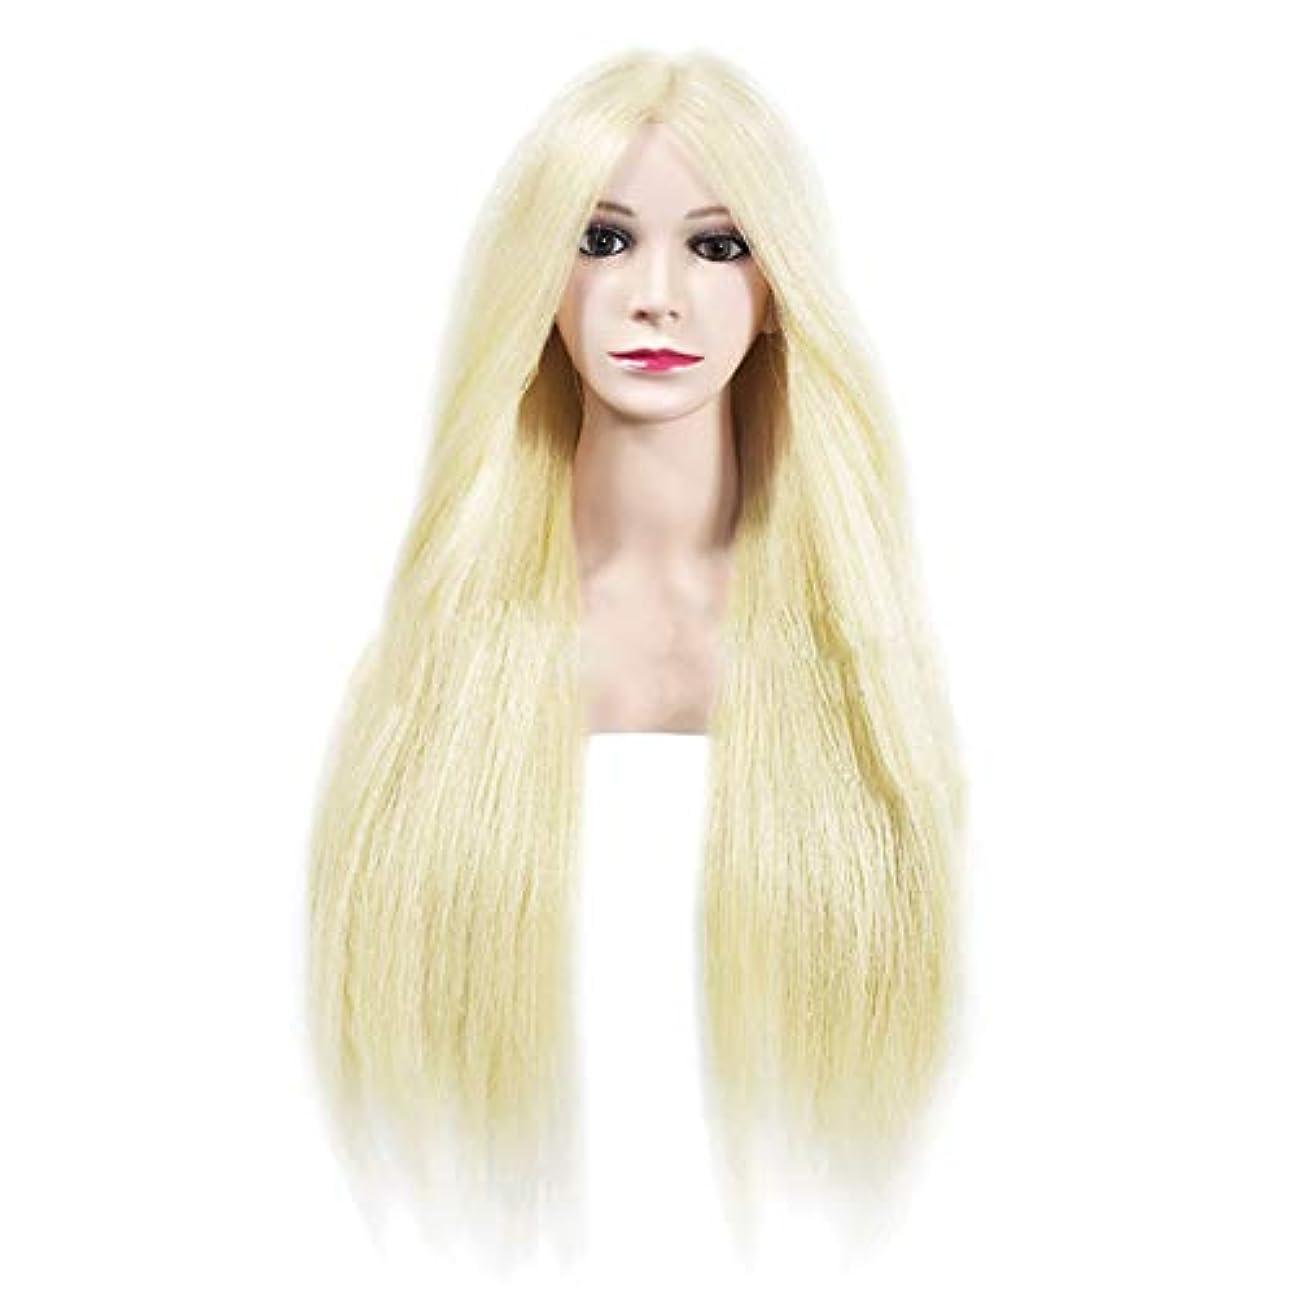 以内に北極圏貸す専門の練習ホット染色漂白はさみモデリングマネキン髪編組髪かつら女性モデルティーチングヘッド